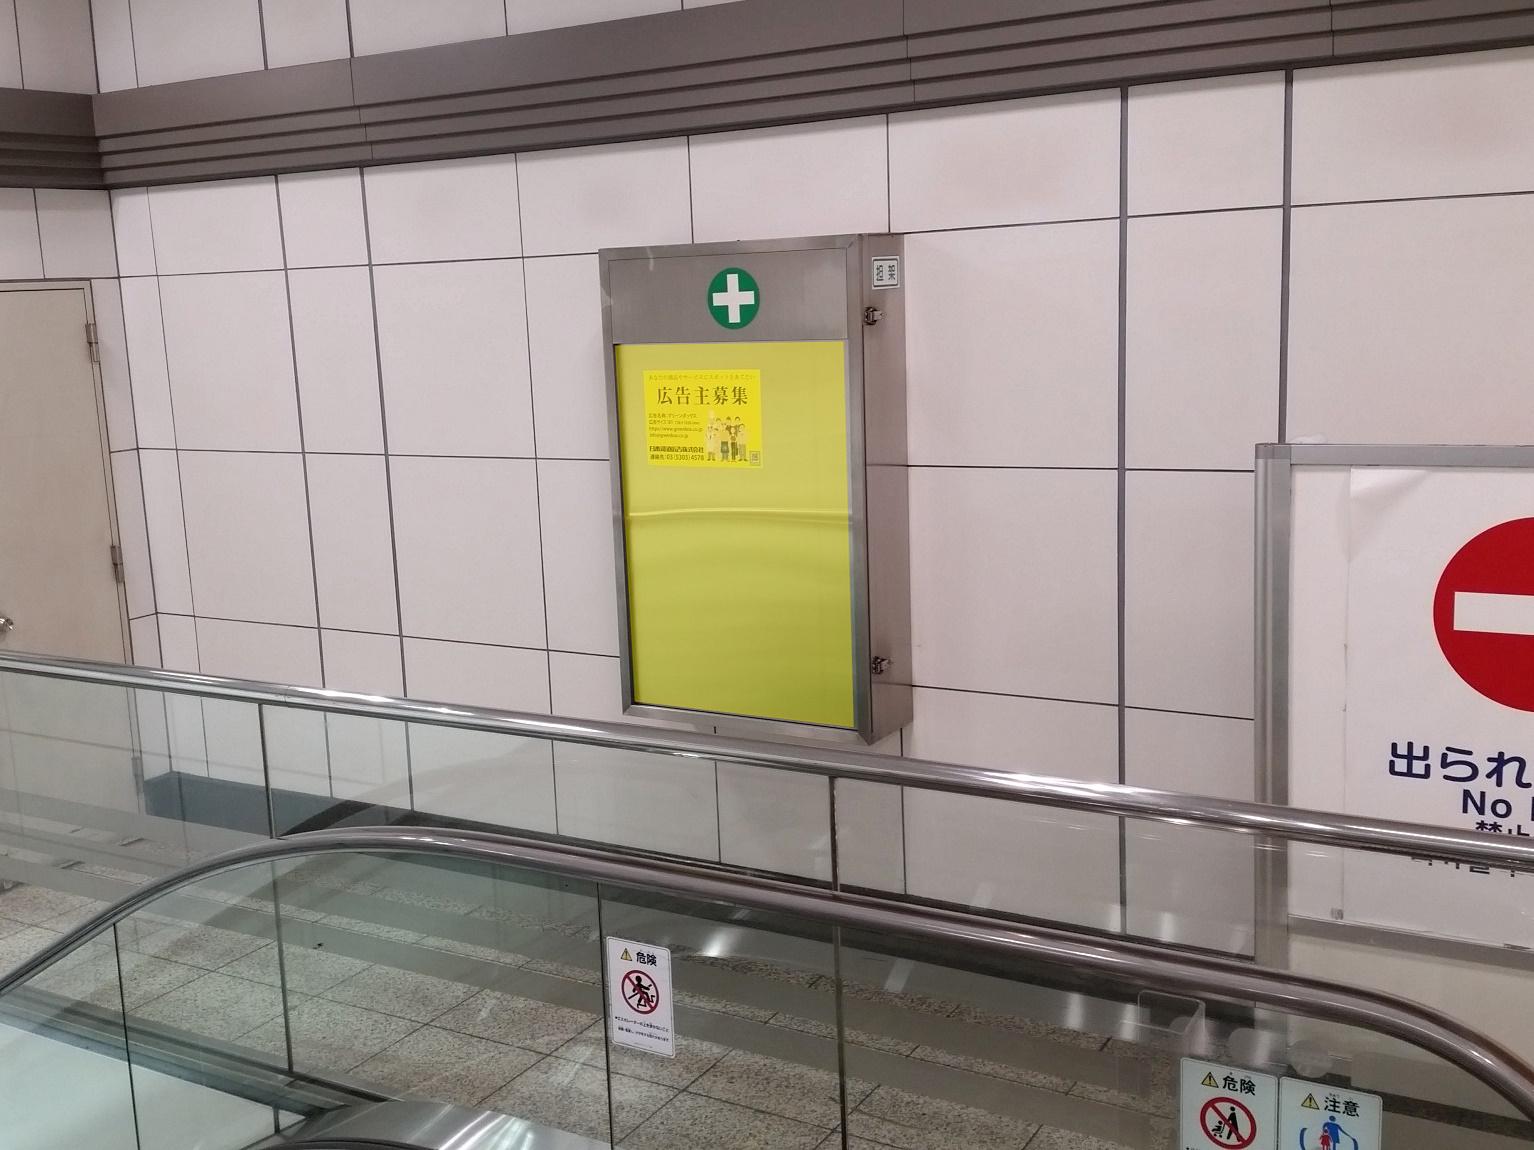 空港第2ビル駅媒体画像